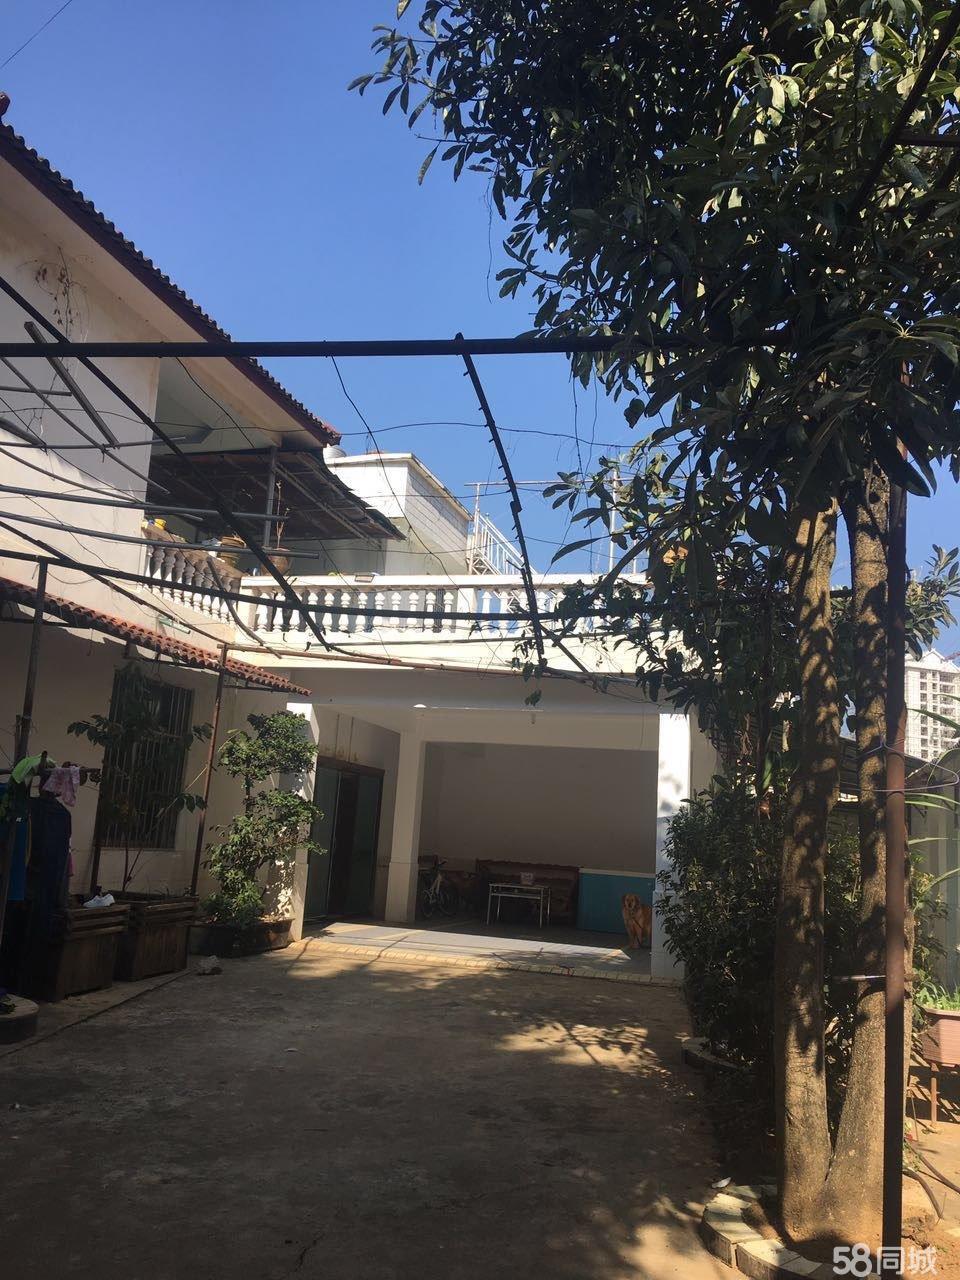 临沧市澳门拉斯维加斯游戏县城南路自建房占地面积2亩